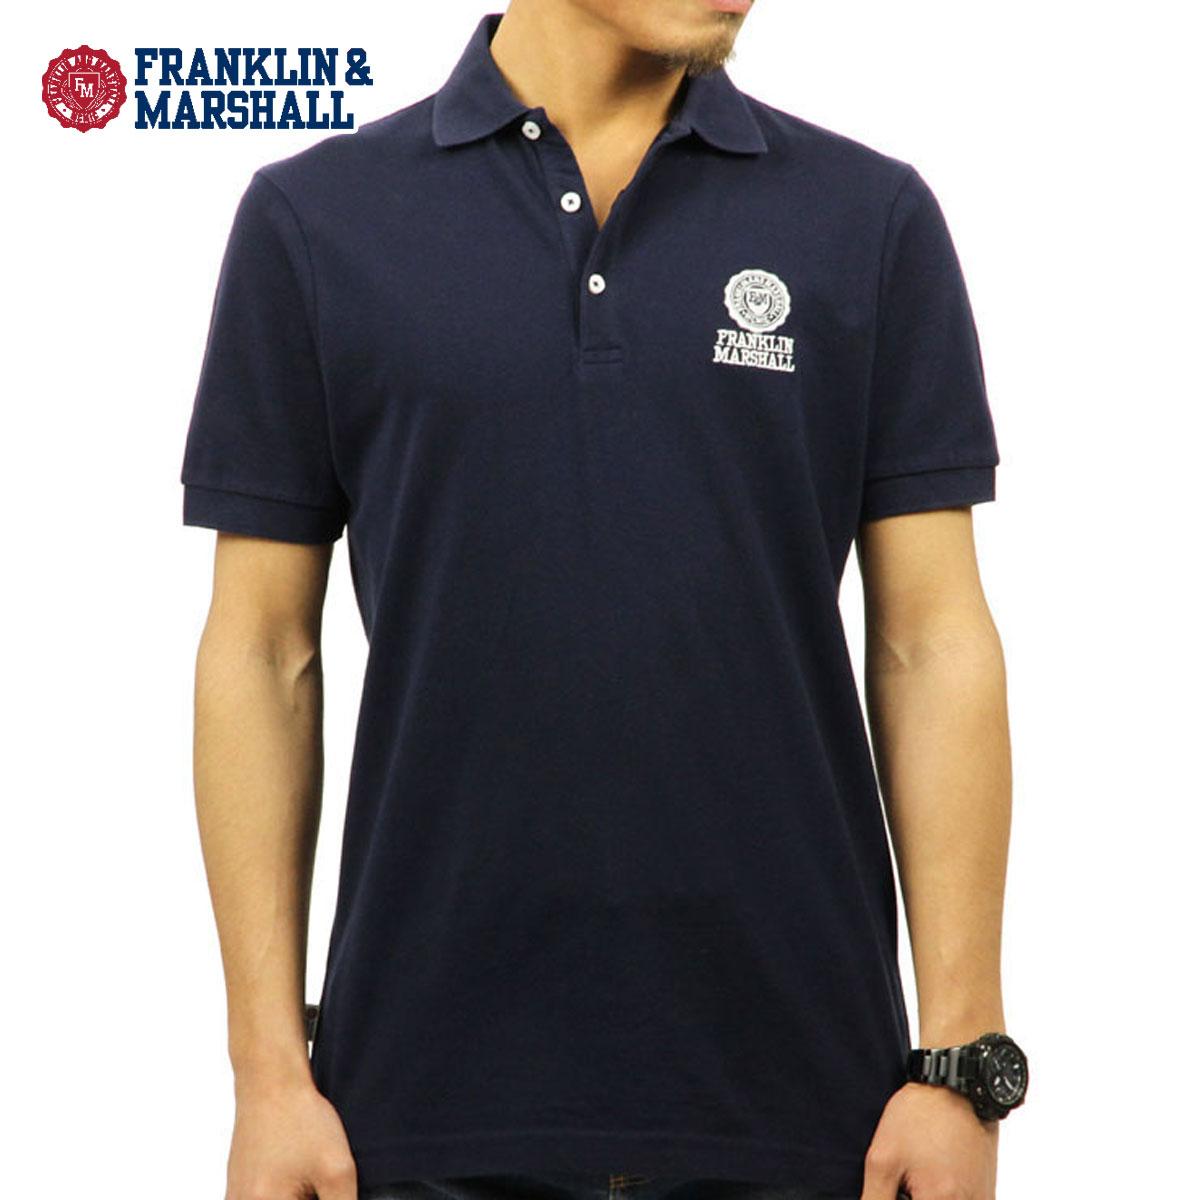 フランクリン マーシャル FRANKLIN&MARSHALL 正規販売店 メンズ 半袖ポロシャツ POLO SHIRT NAVY POMF130AN 4061 0167